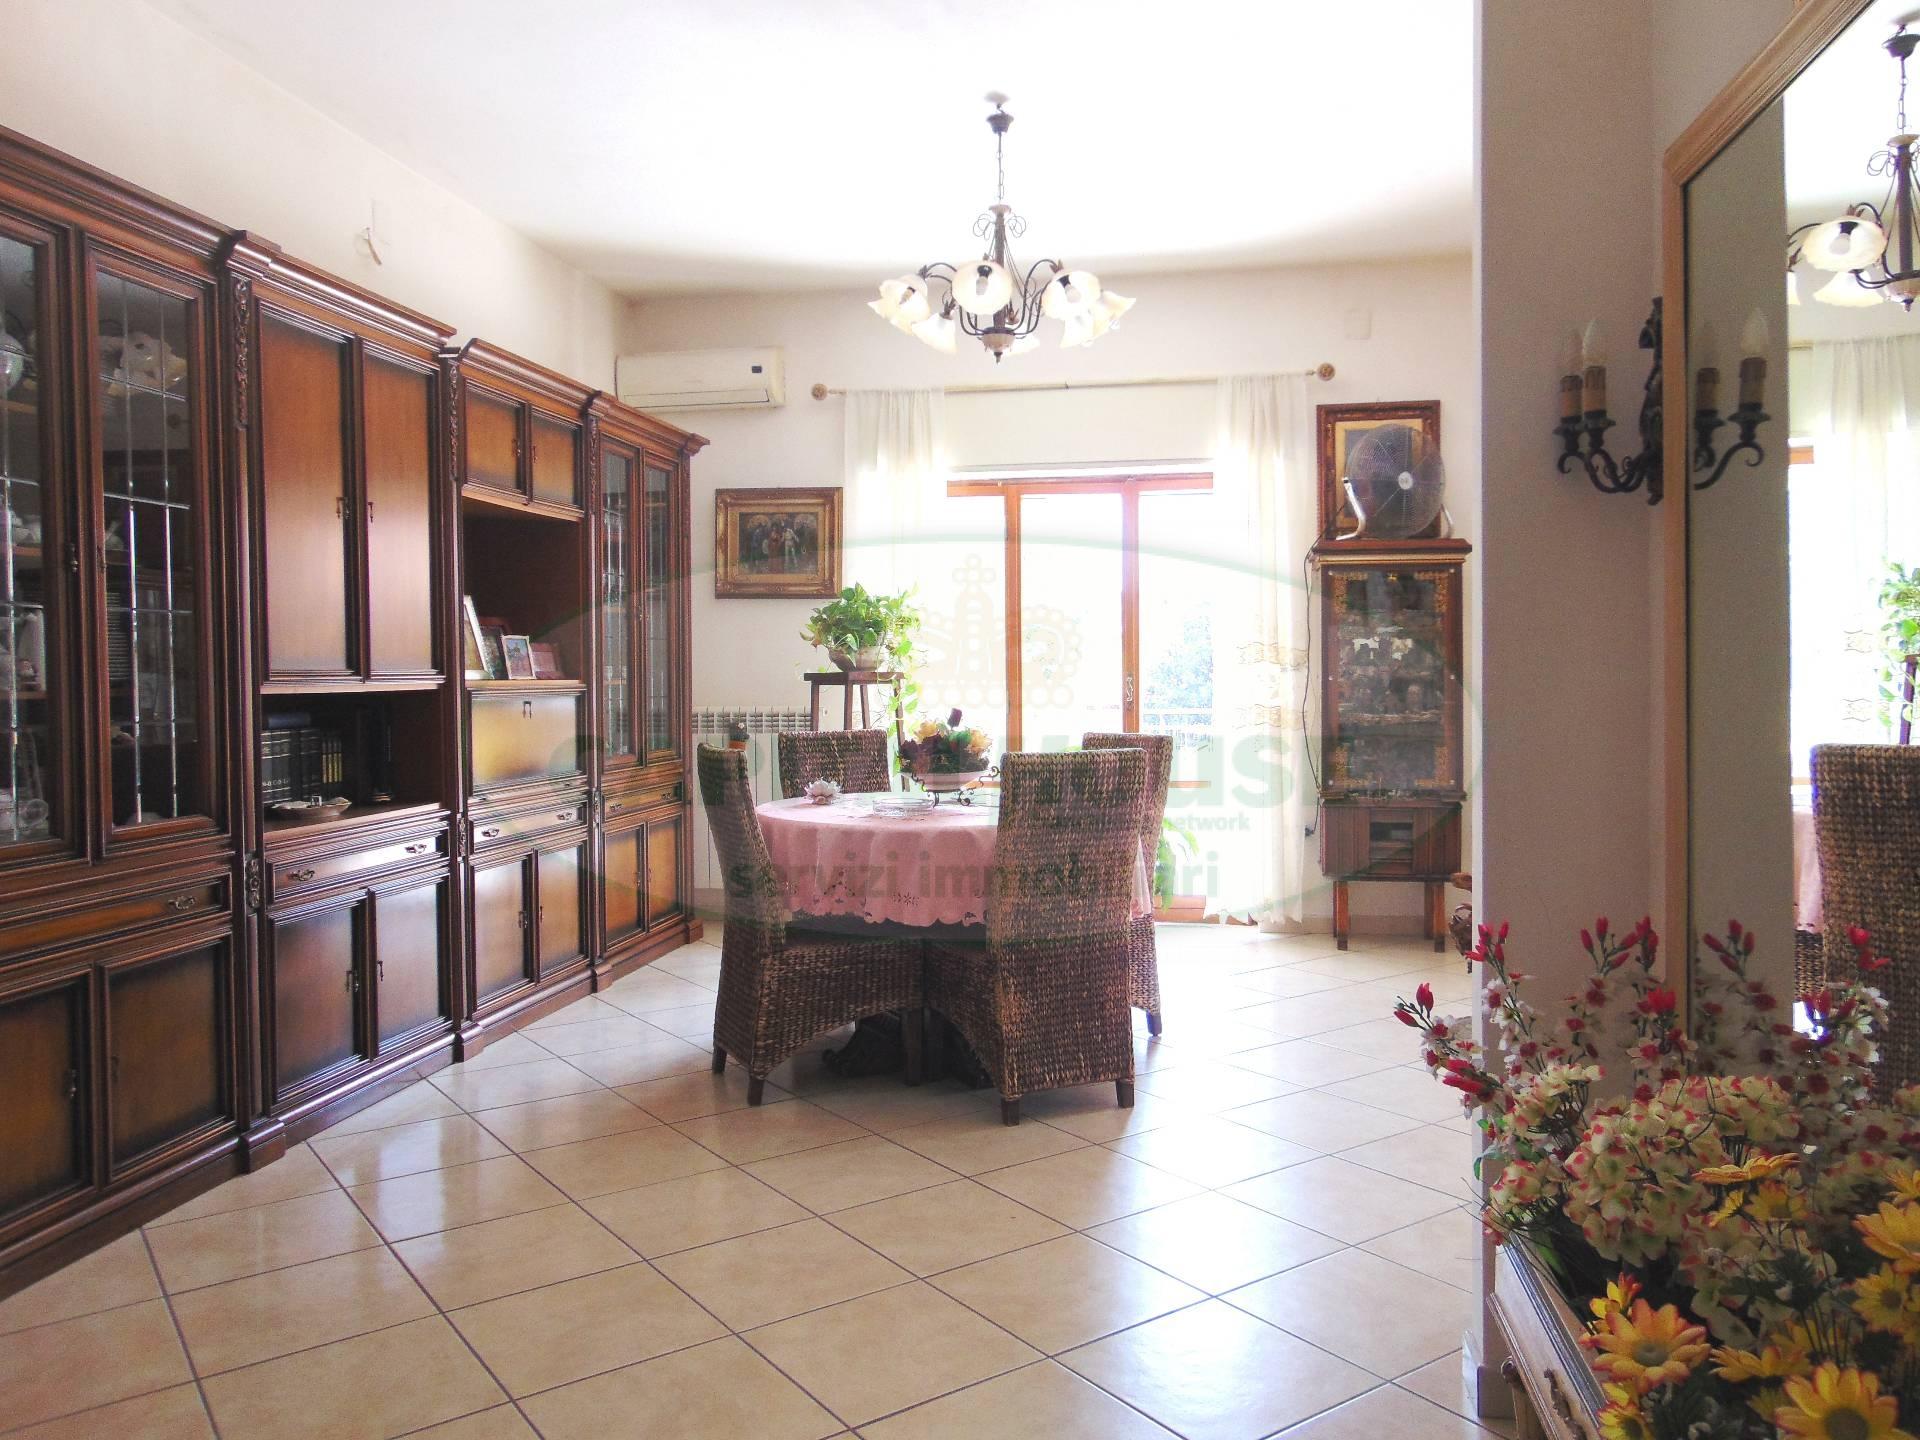 Appartamento in vendita a San Prisco, 4 locali, zona Località: ZonaCentrale, prezzo € 160.000 | CambioCasa.it